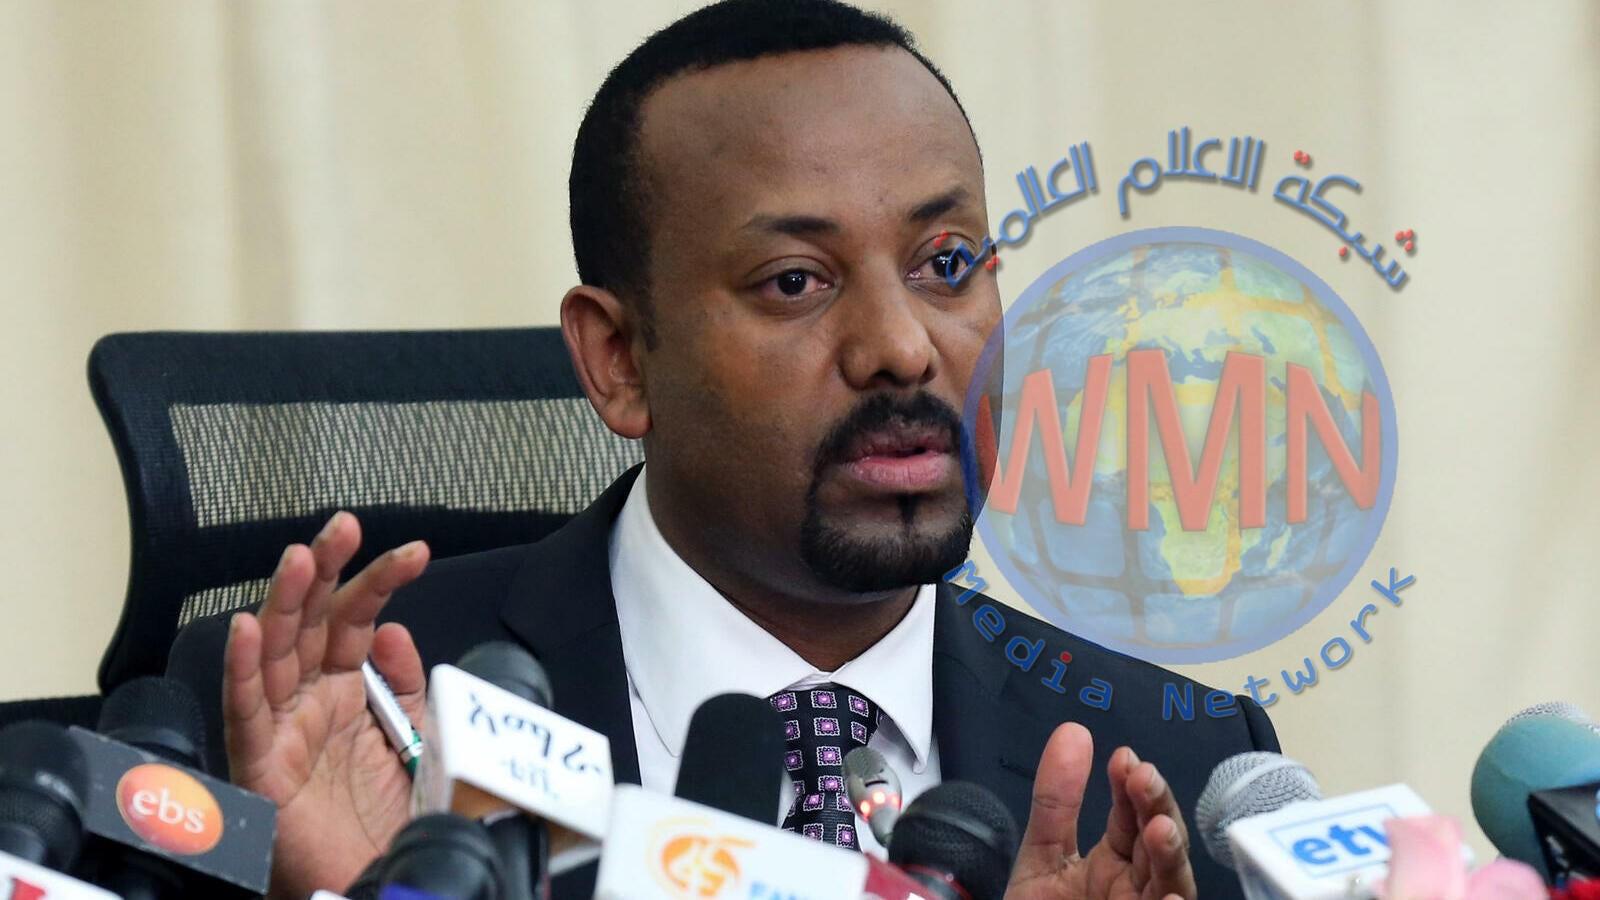 إحباط محاولة مسلحة لإسقاط حكومة إقليم أمهرا شمالي إثيوبيا